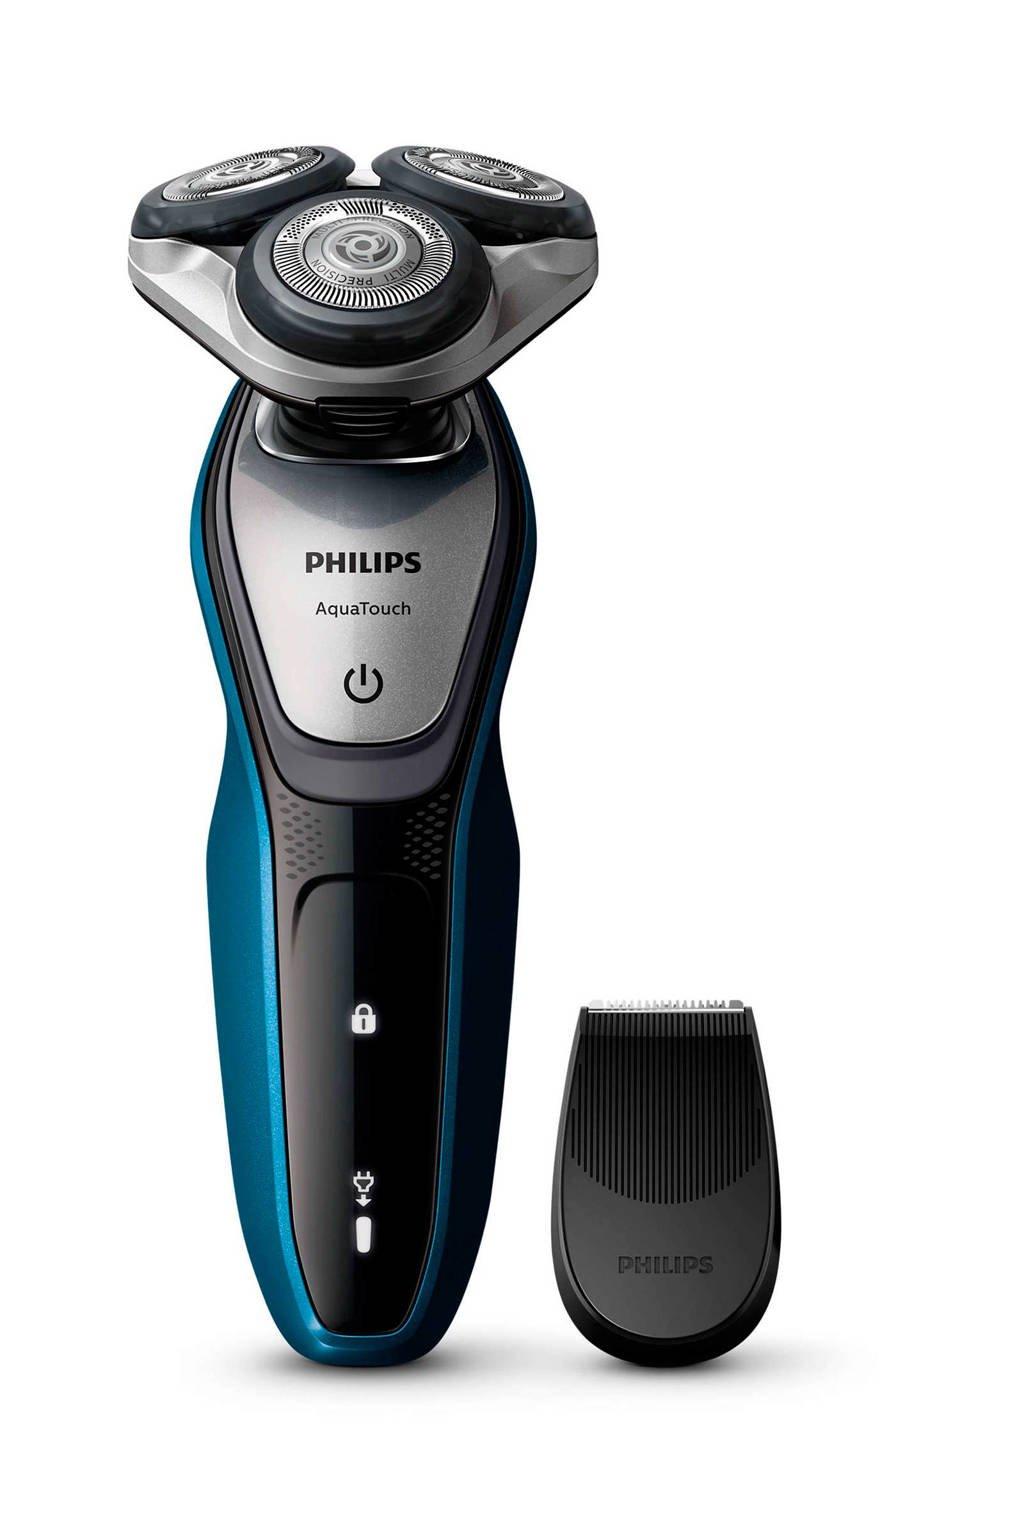 Philips S5420/06 AquaTouch scheerapparaat (nat/droog scheren), Zwart;Blauw;Zilver